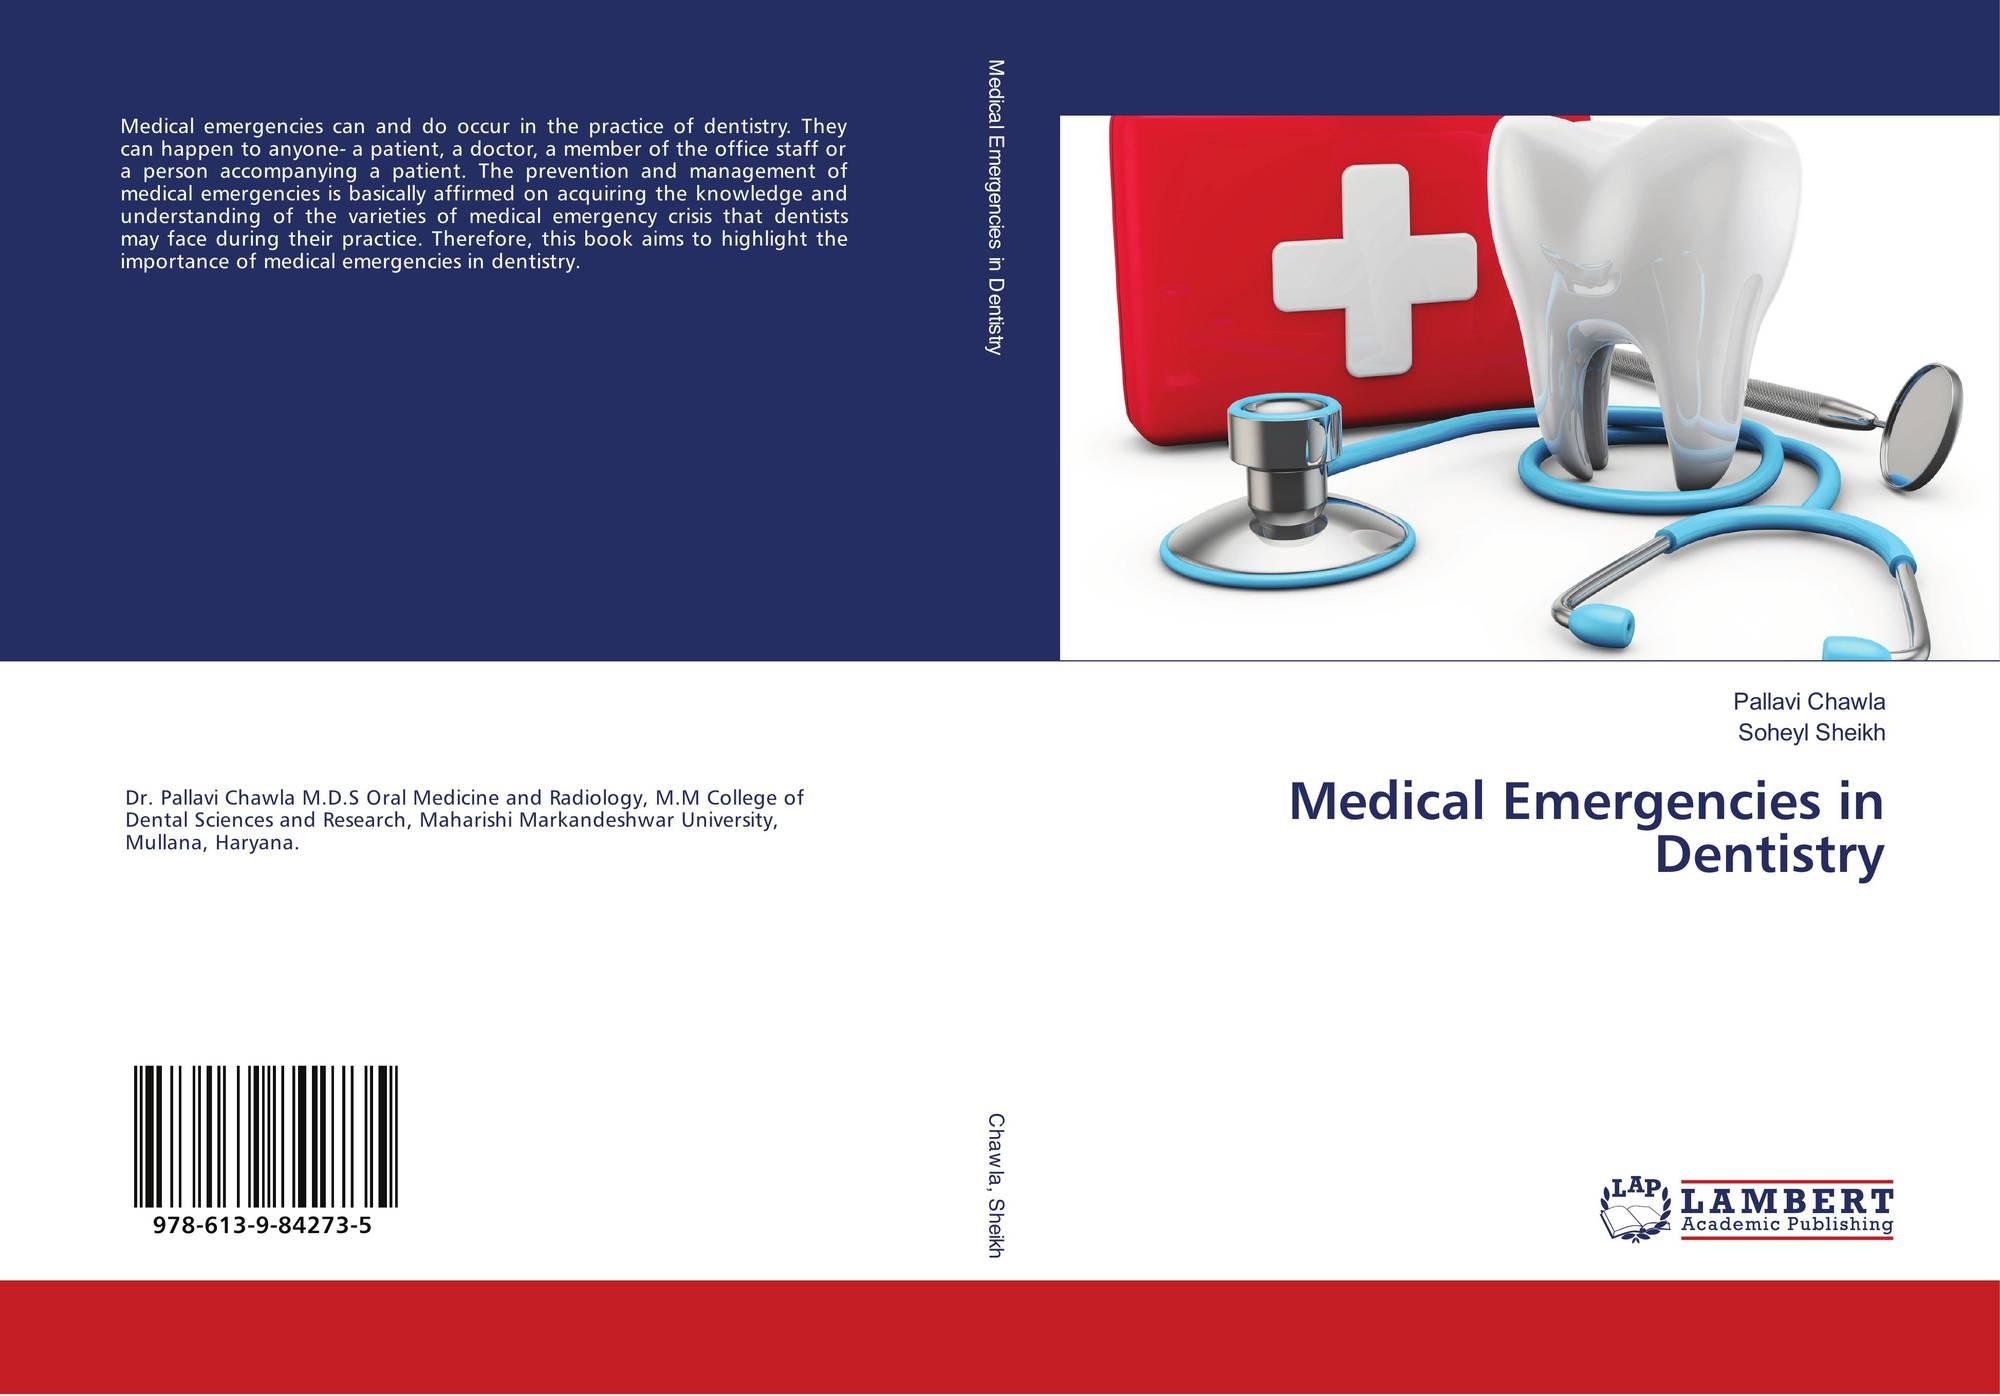 Medical Emergencies in Dentistry, 978-613-9-84273-5